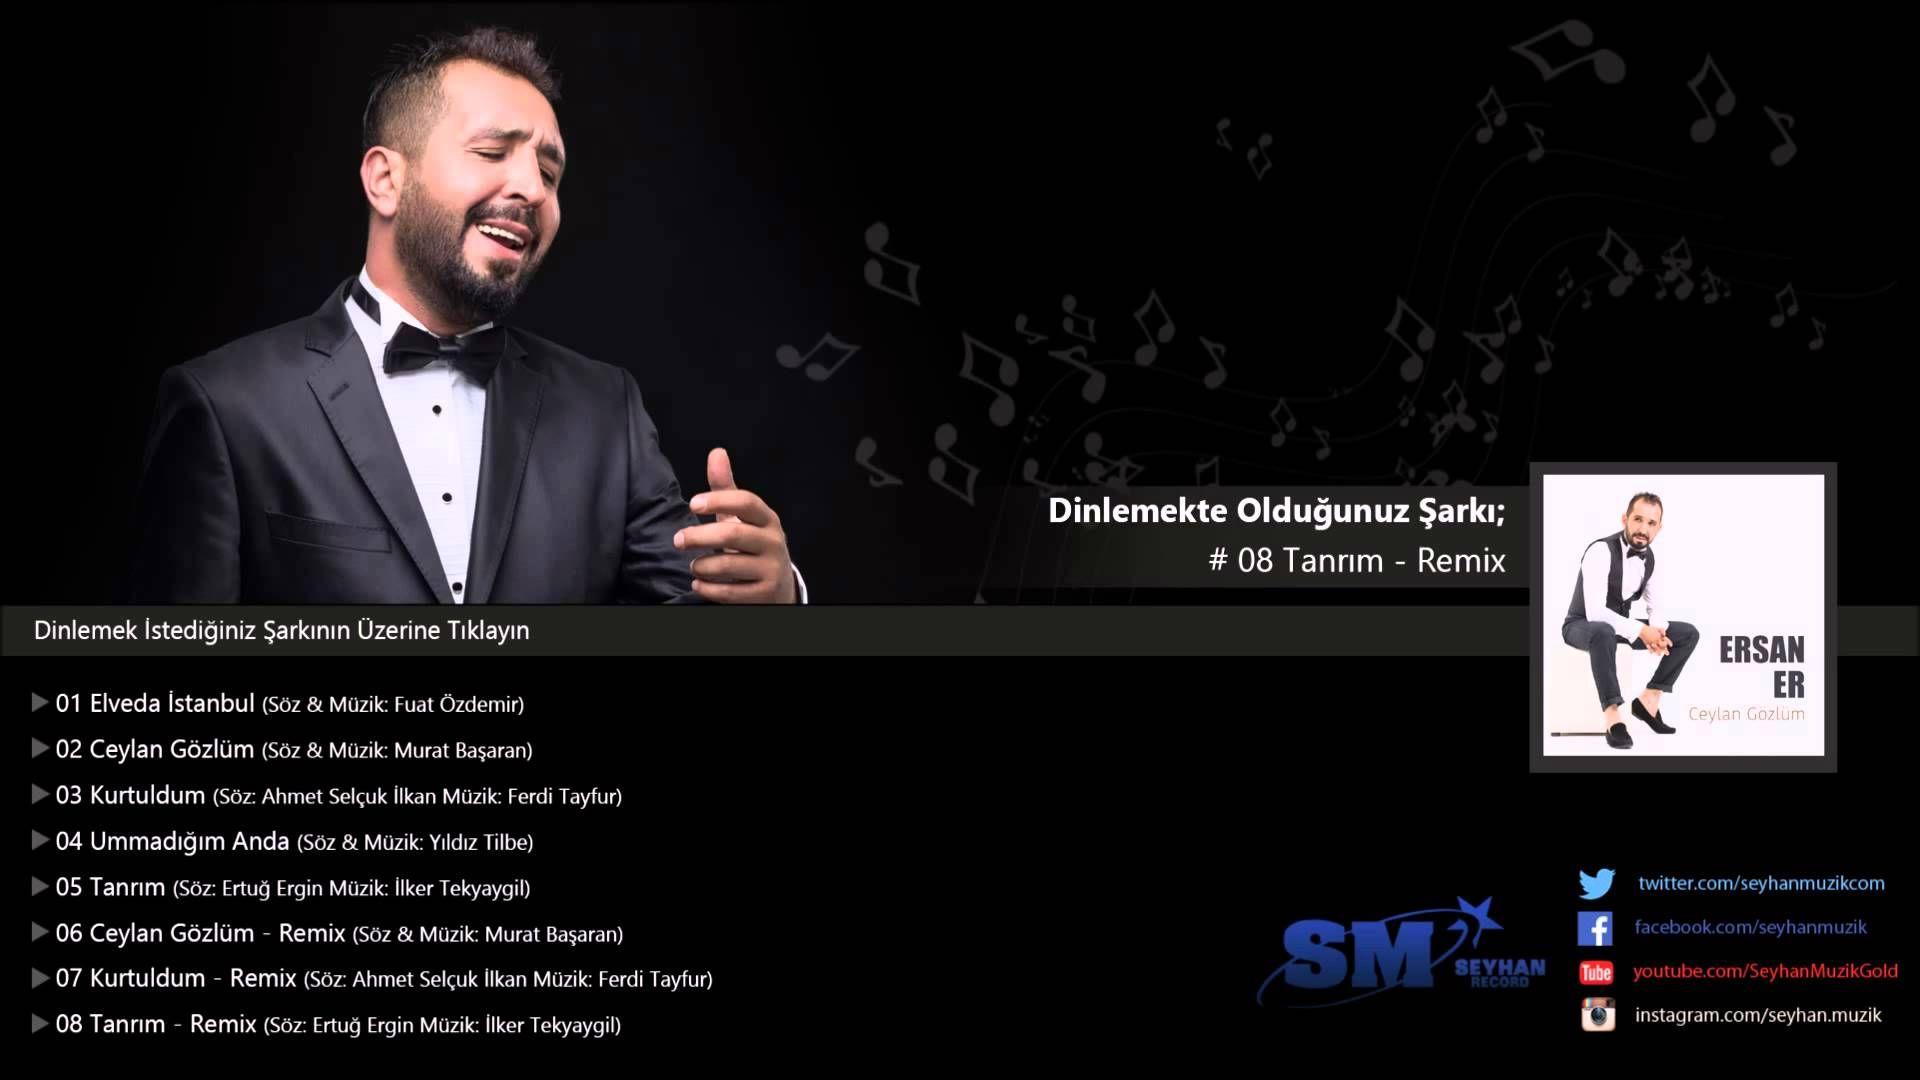 Ersan Er Tanrim Remix Muzik Videolari Muzik Sarkilar